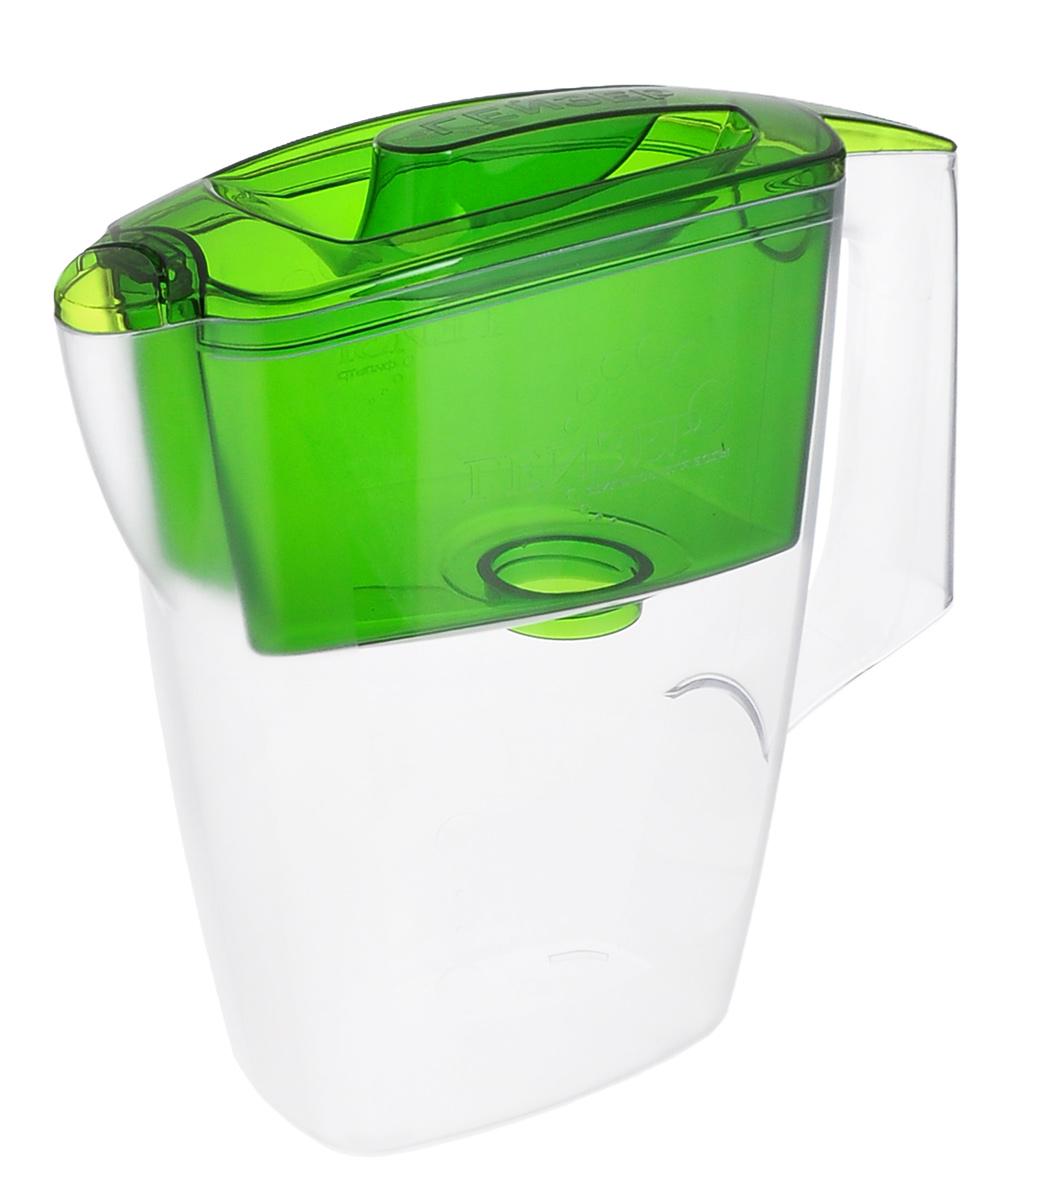 Фото - Фильтр-кувшин Гейзер Мини, с картриджем, цвет: прозрачный, зеленый, 2,5 л кувшин гейзер аквилон зеленый 3л 62042